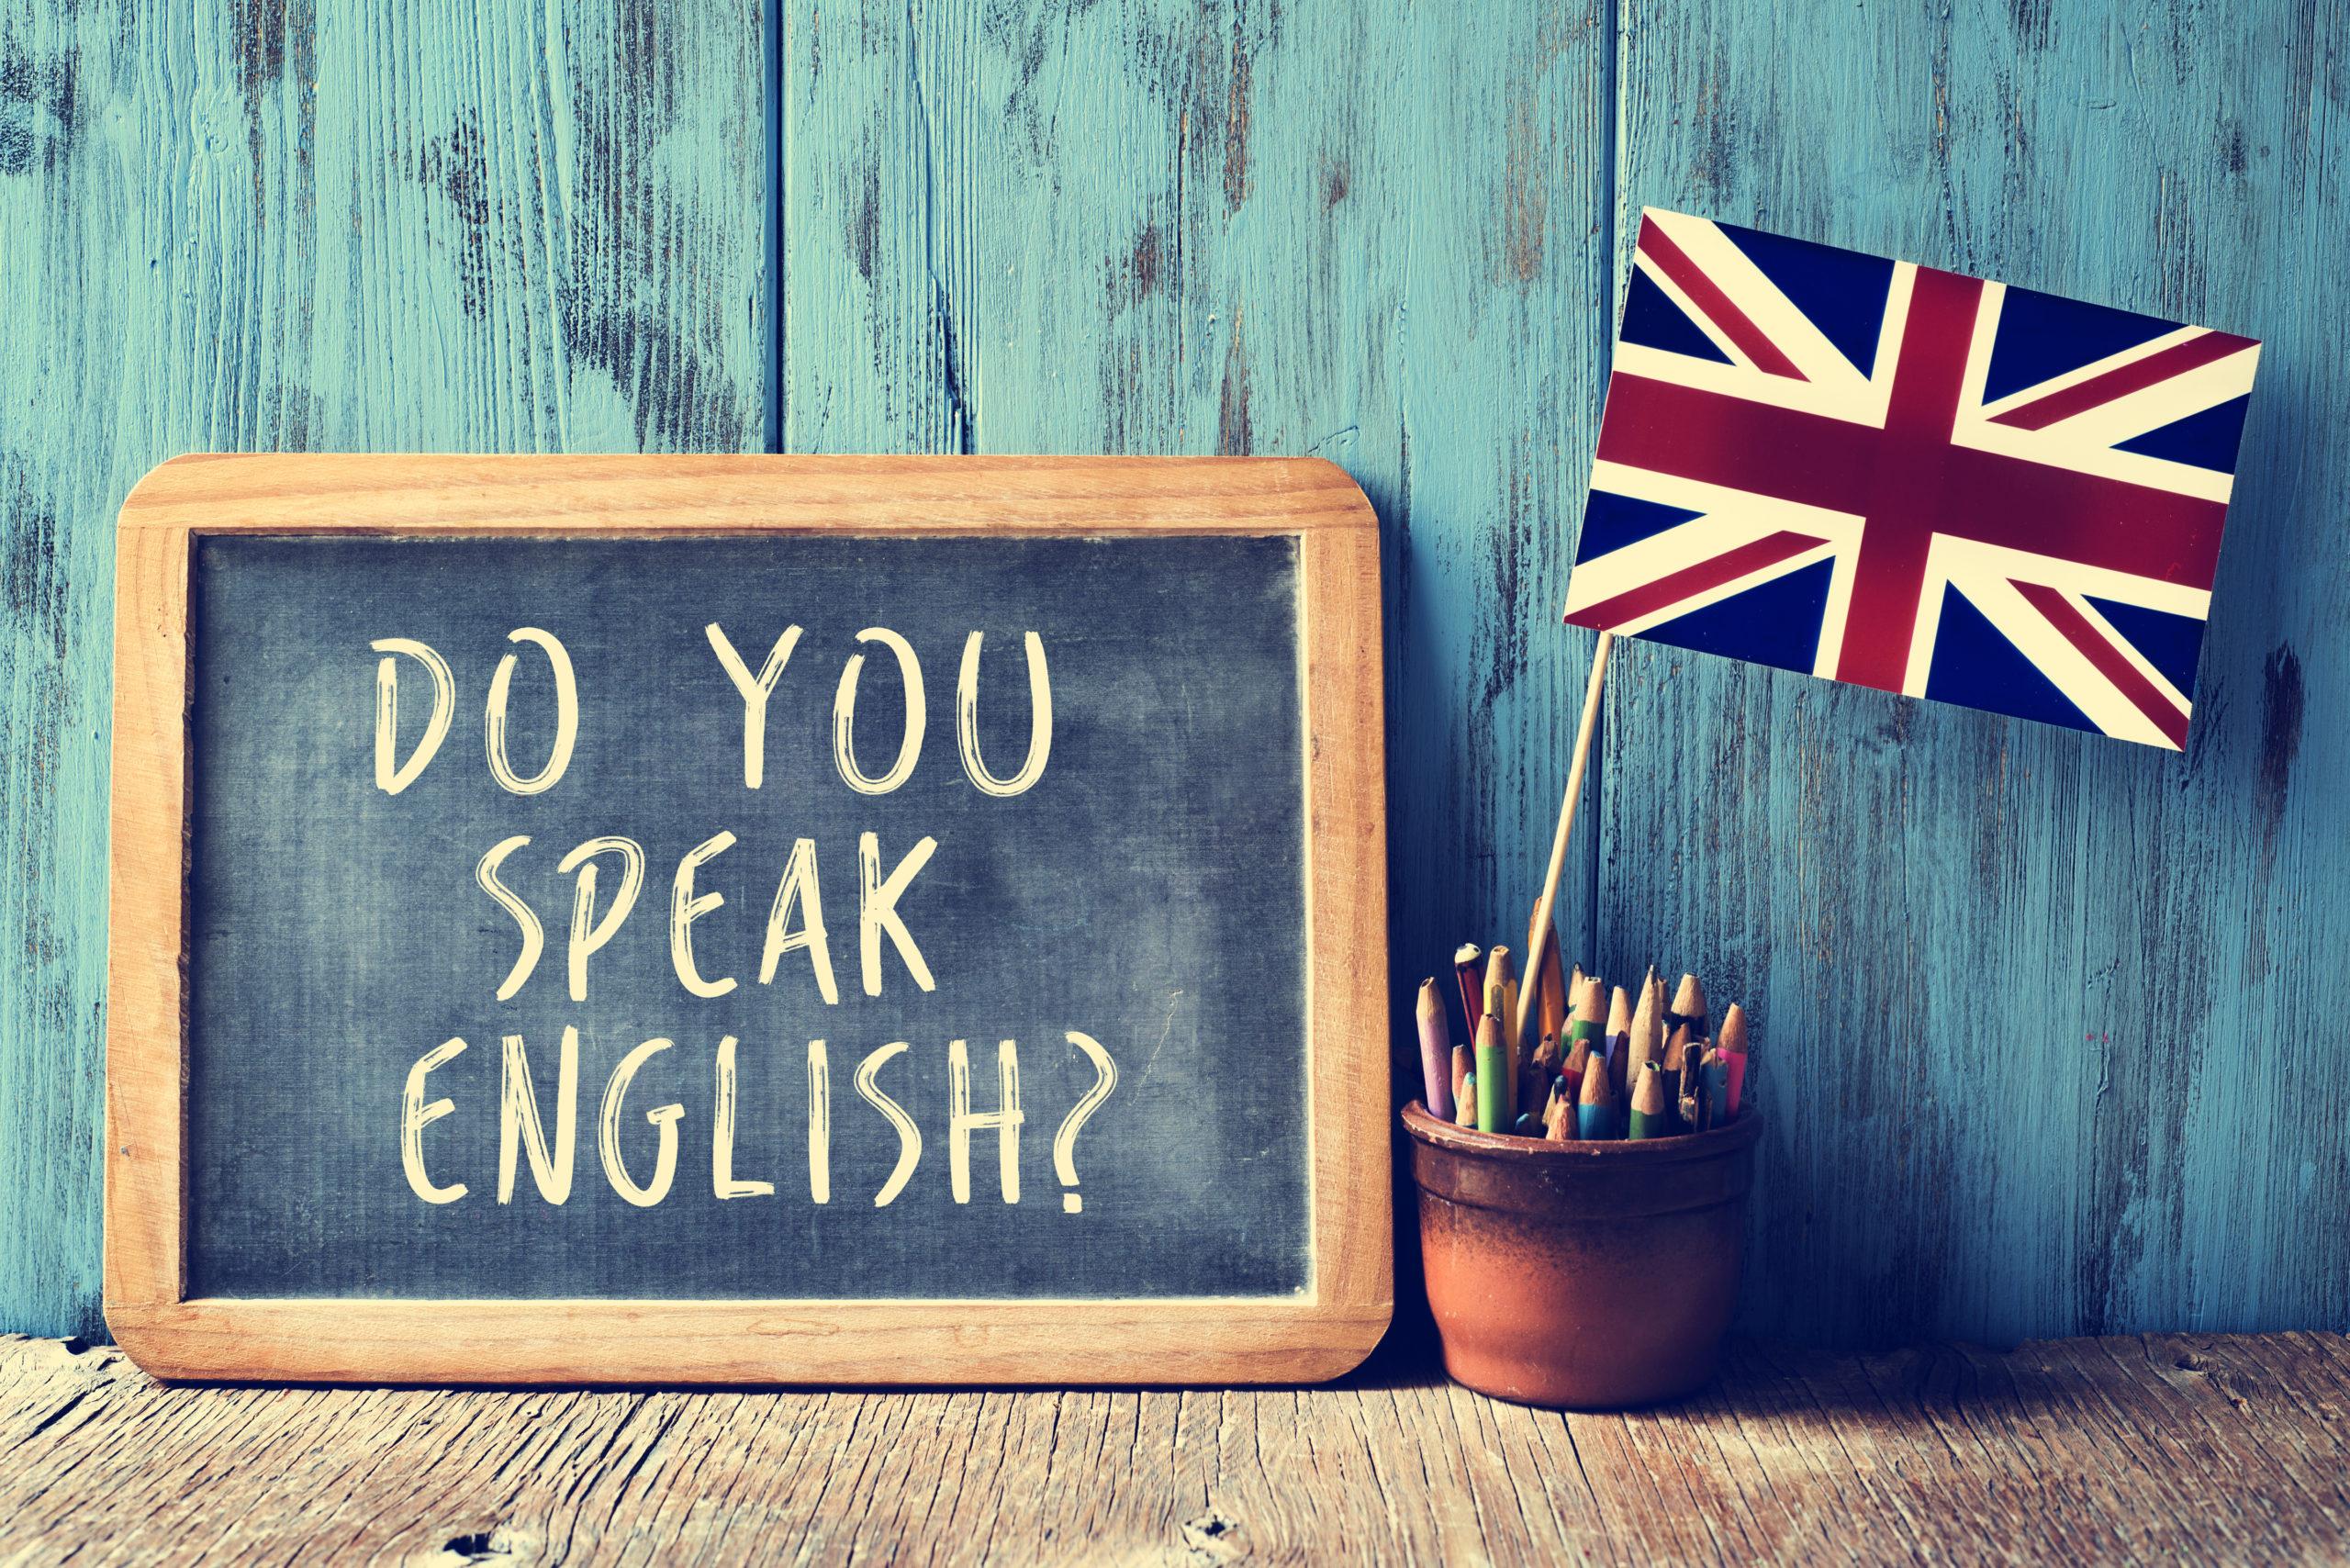 初級A2-B1 英文法・英会話コース(ケンブリッジ)バイリンガル講師